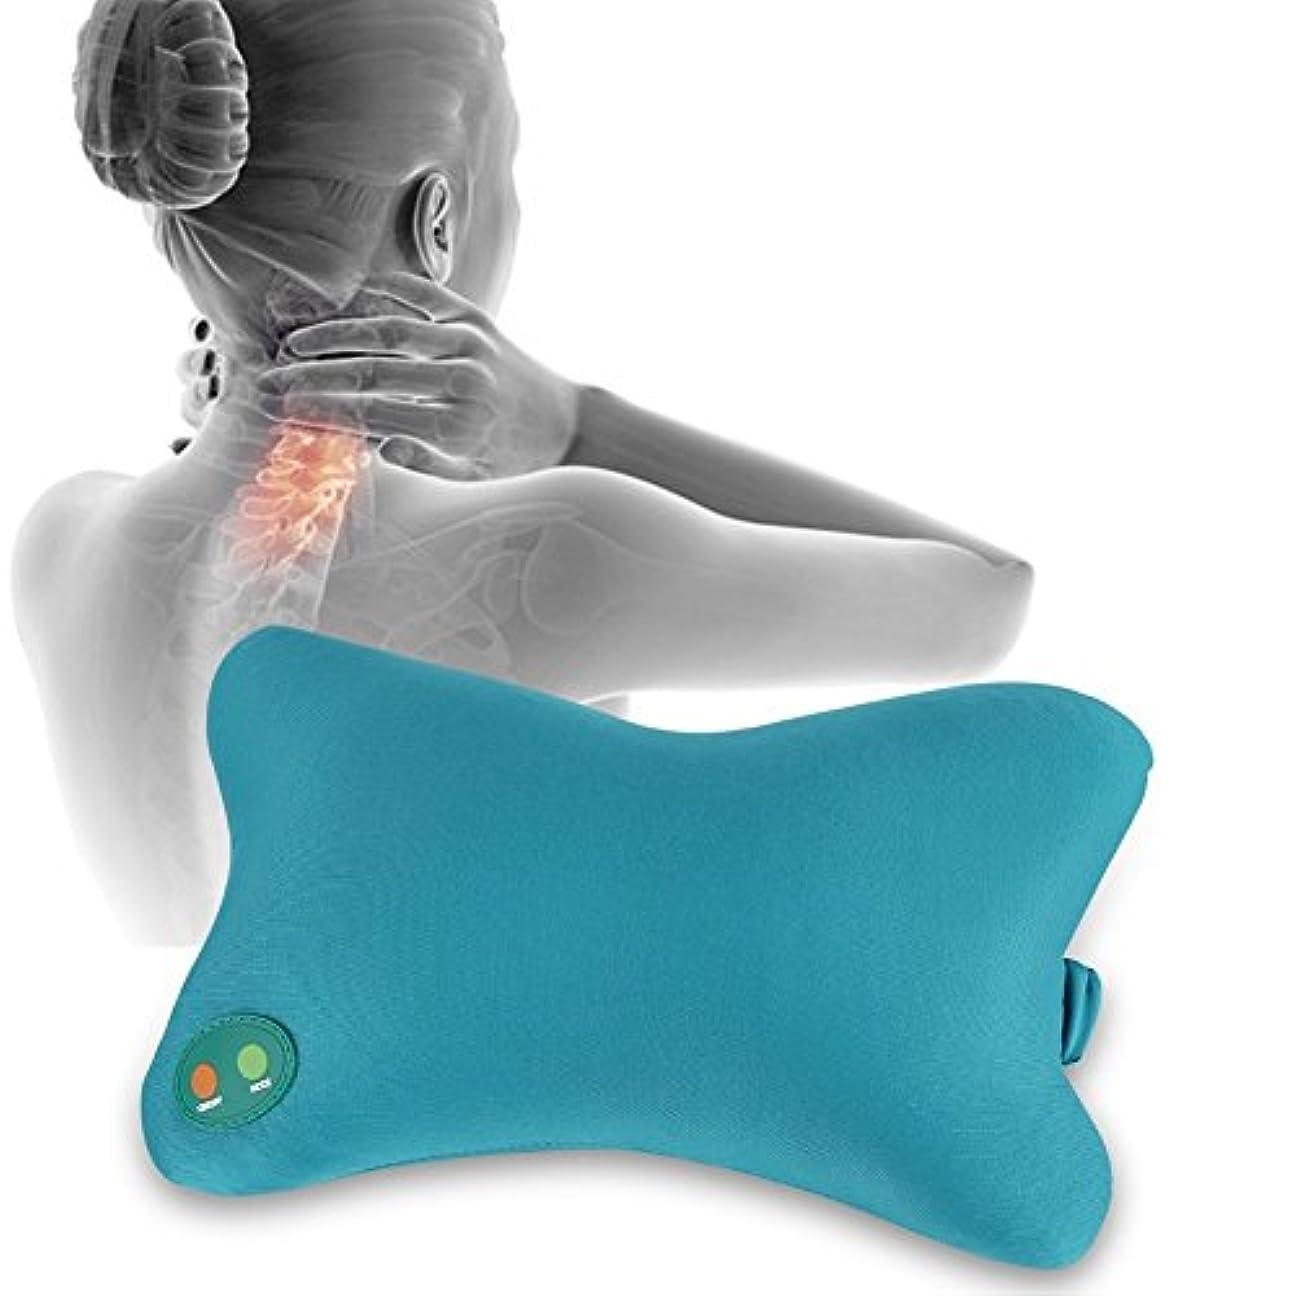 首の混練の柔らかい枕電気マッサージャー、携帯用通気性の柔らかい泡の枕振動マッサージの苦痛救助